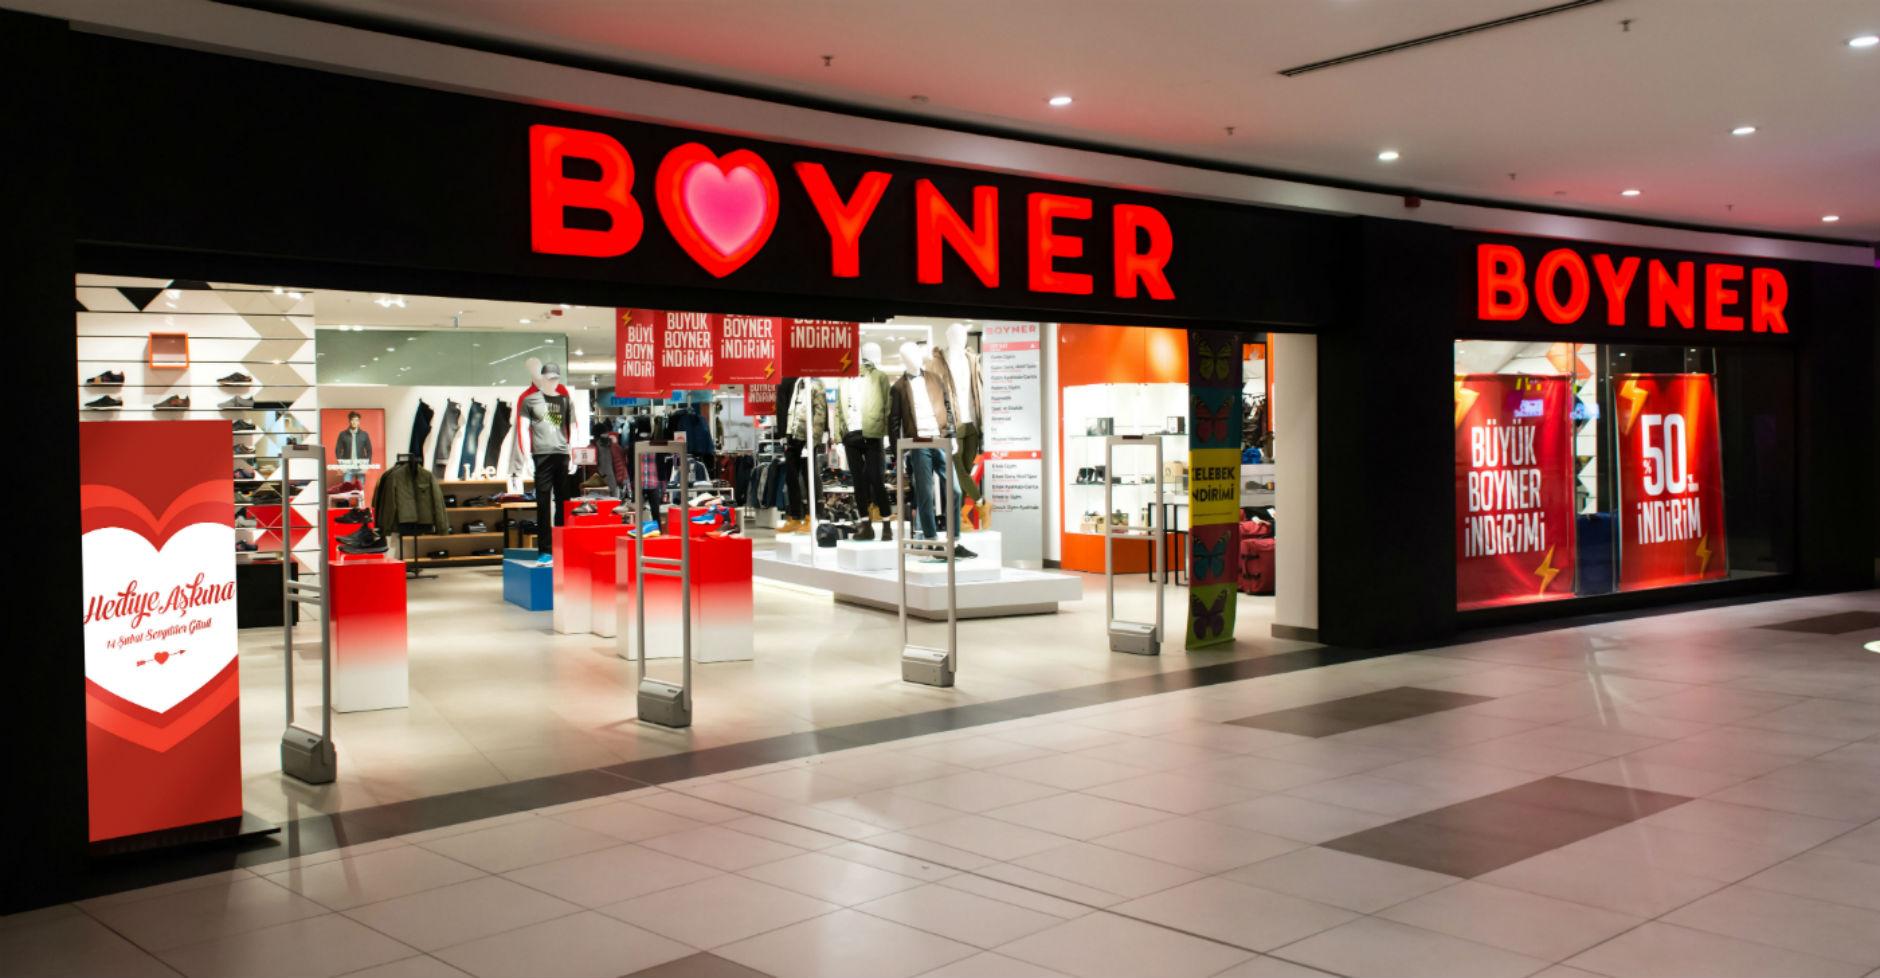 Boyner - Mayhoola ortaklığında yapılanmaya gidiliyor